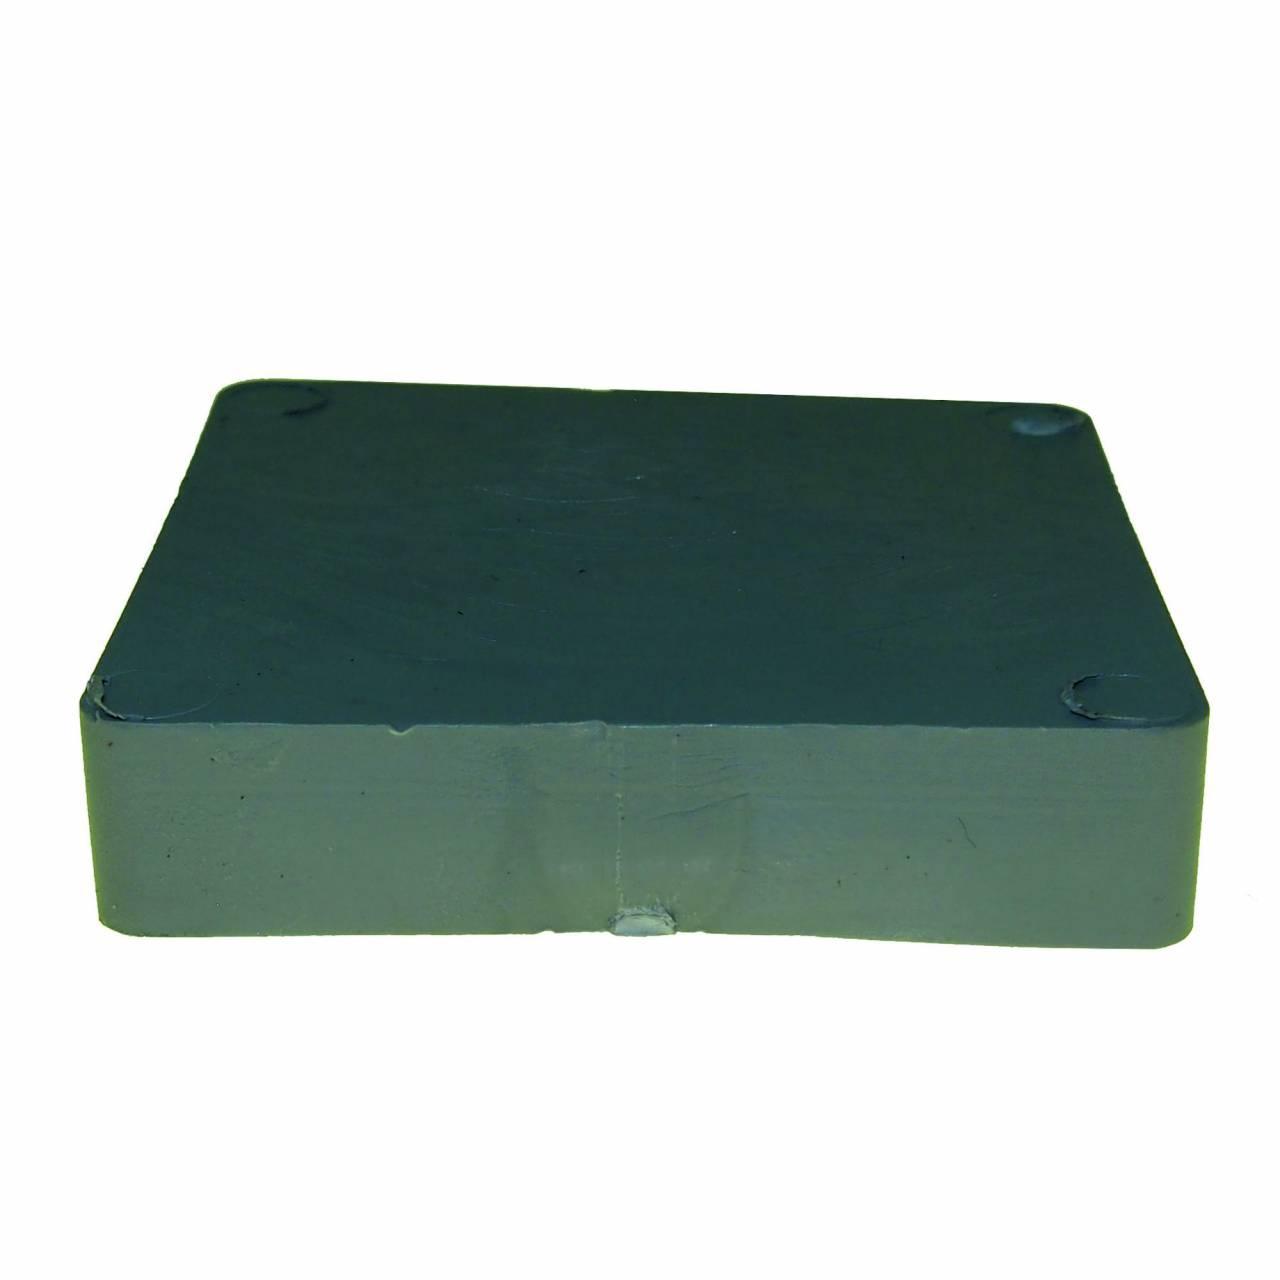 Montageplatten 70 x 70 x 20 mm, ohne Schlitz / Sack a 200 Stück